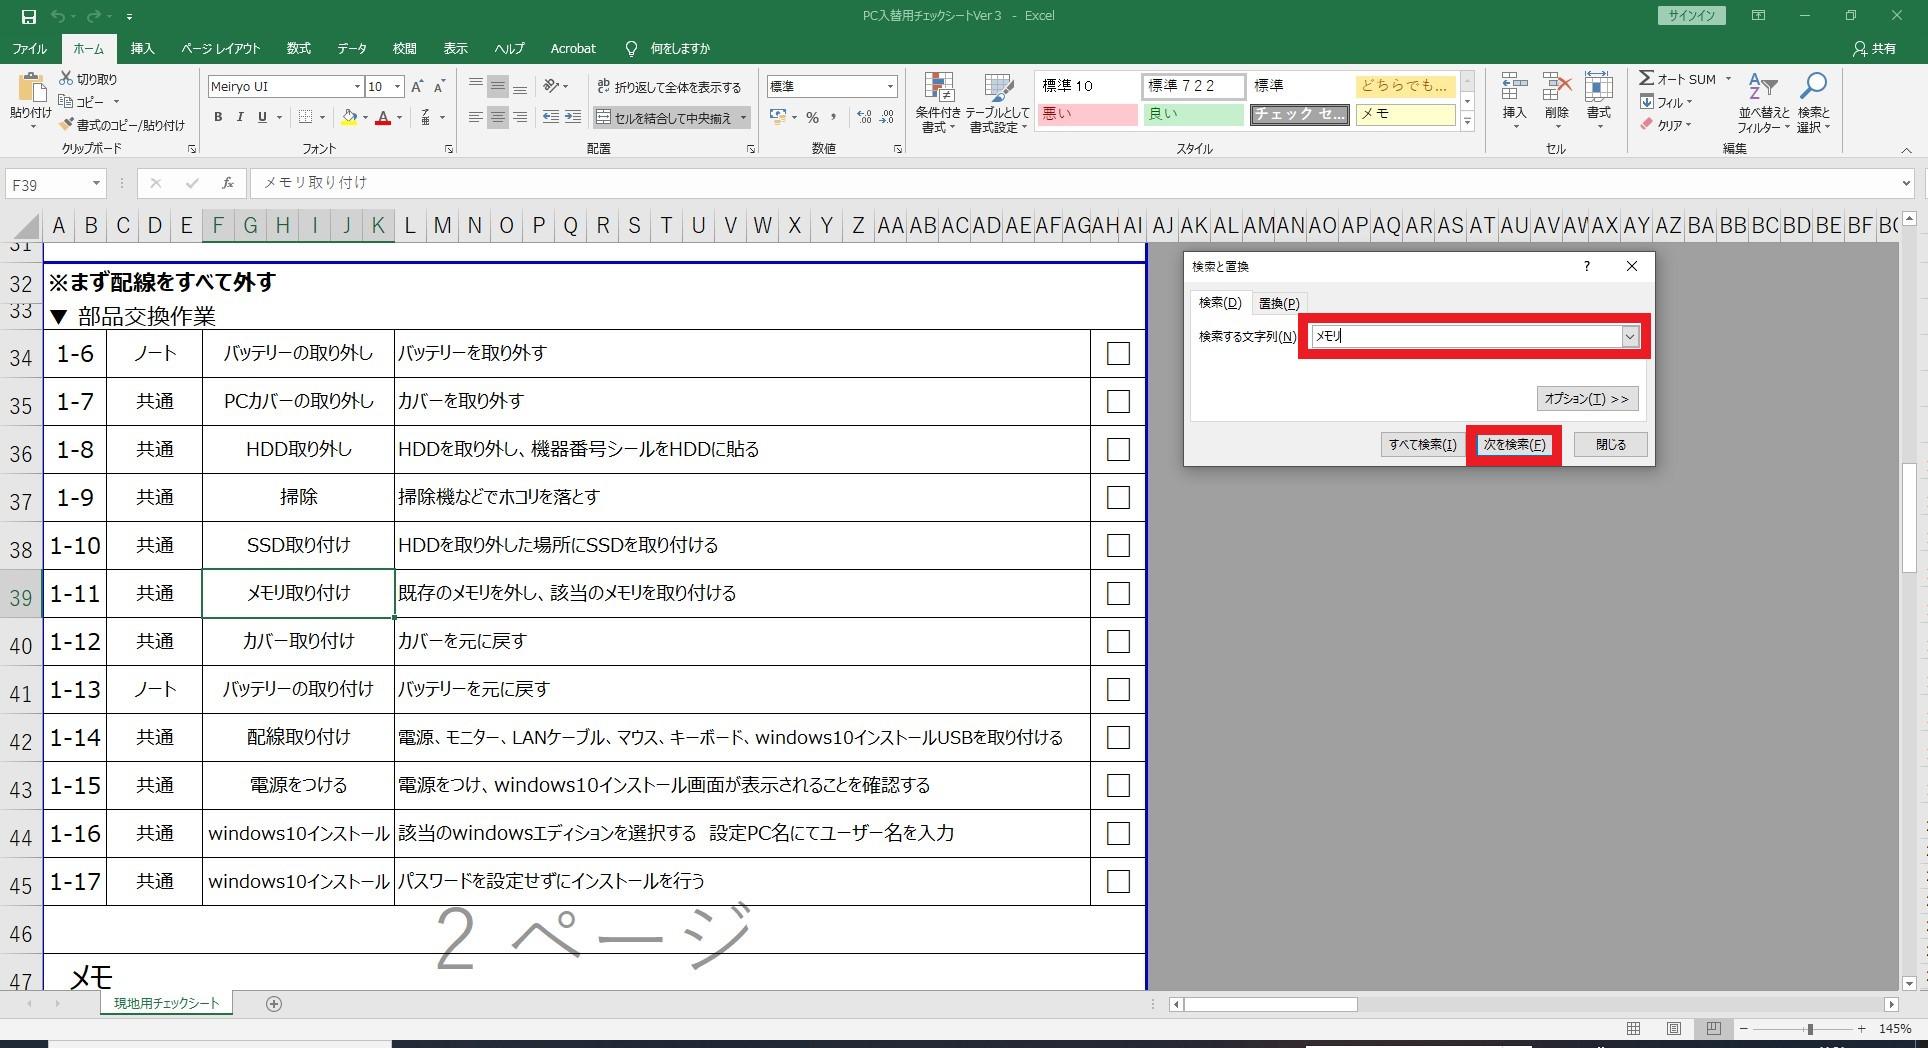 【Ctrl+F】文章をキーワード検索する方法【効率UPでオススメです】